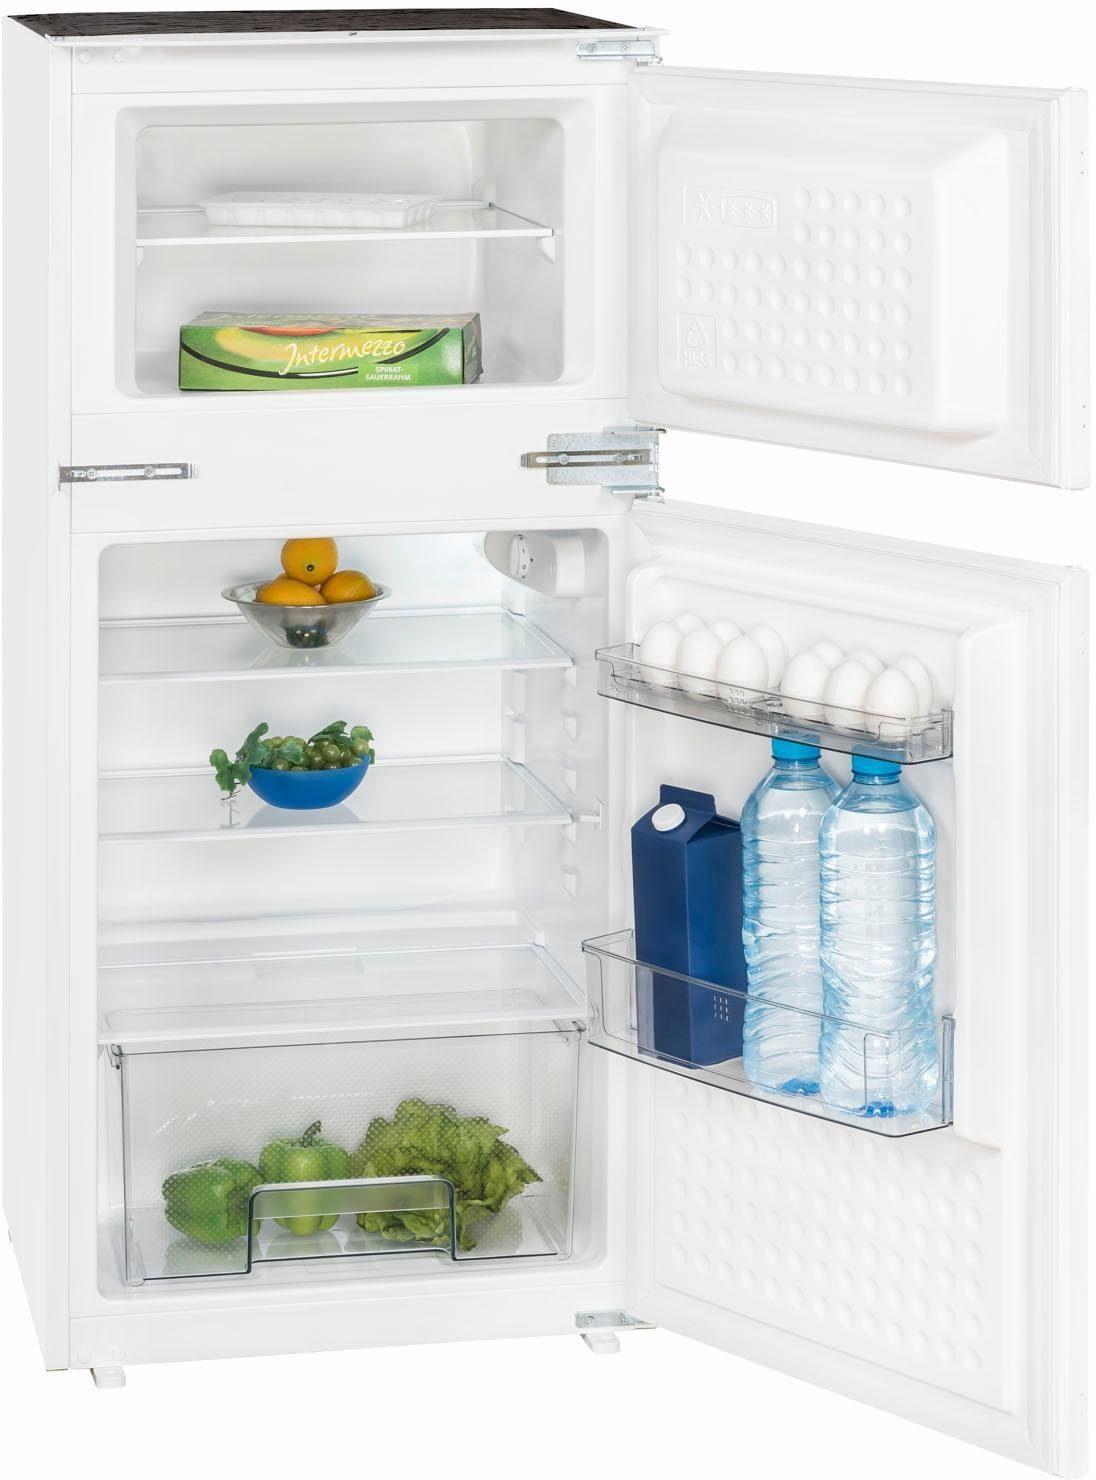 Exquisit Einbaukühlschrank EKGC185-40-11, 122 cm hoch, 54,5 cm breit, Energieeffizienzklasse: A++